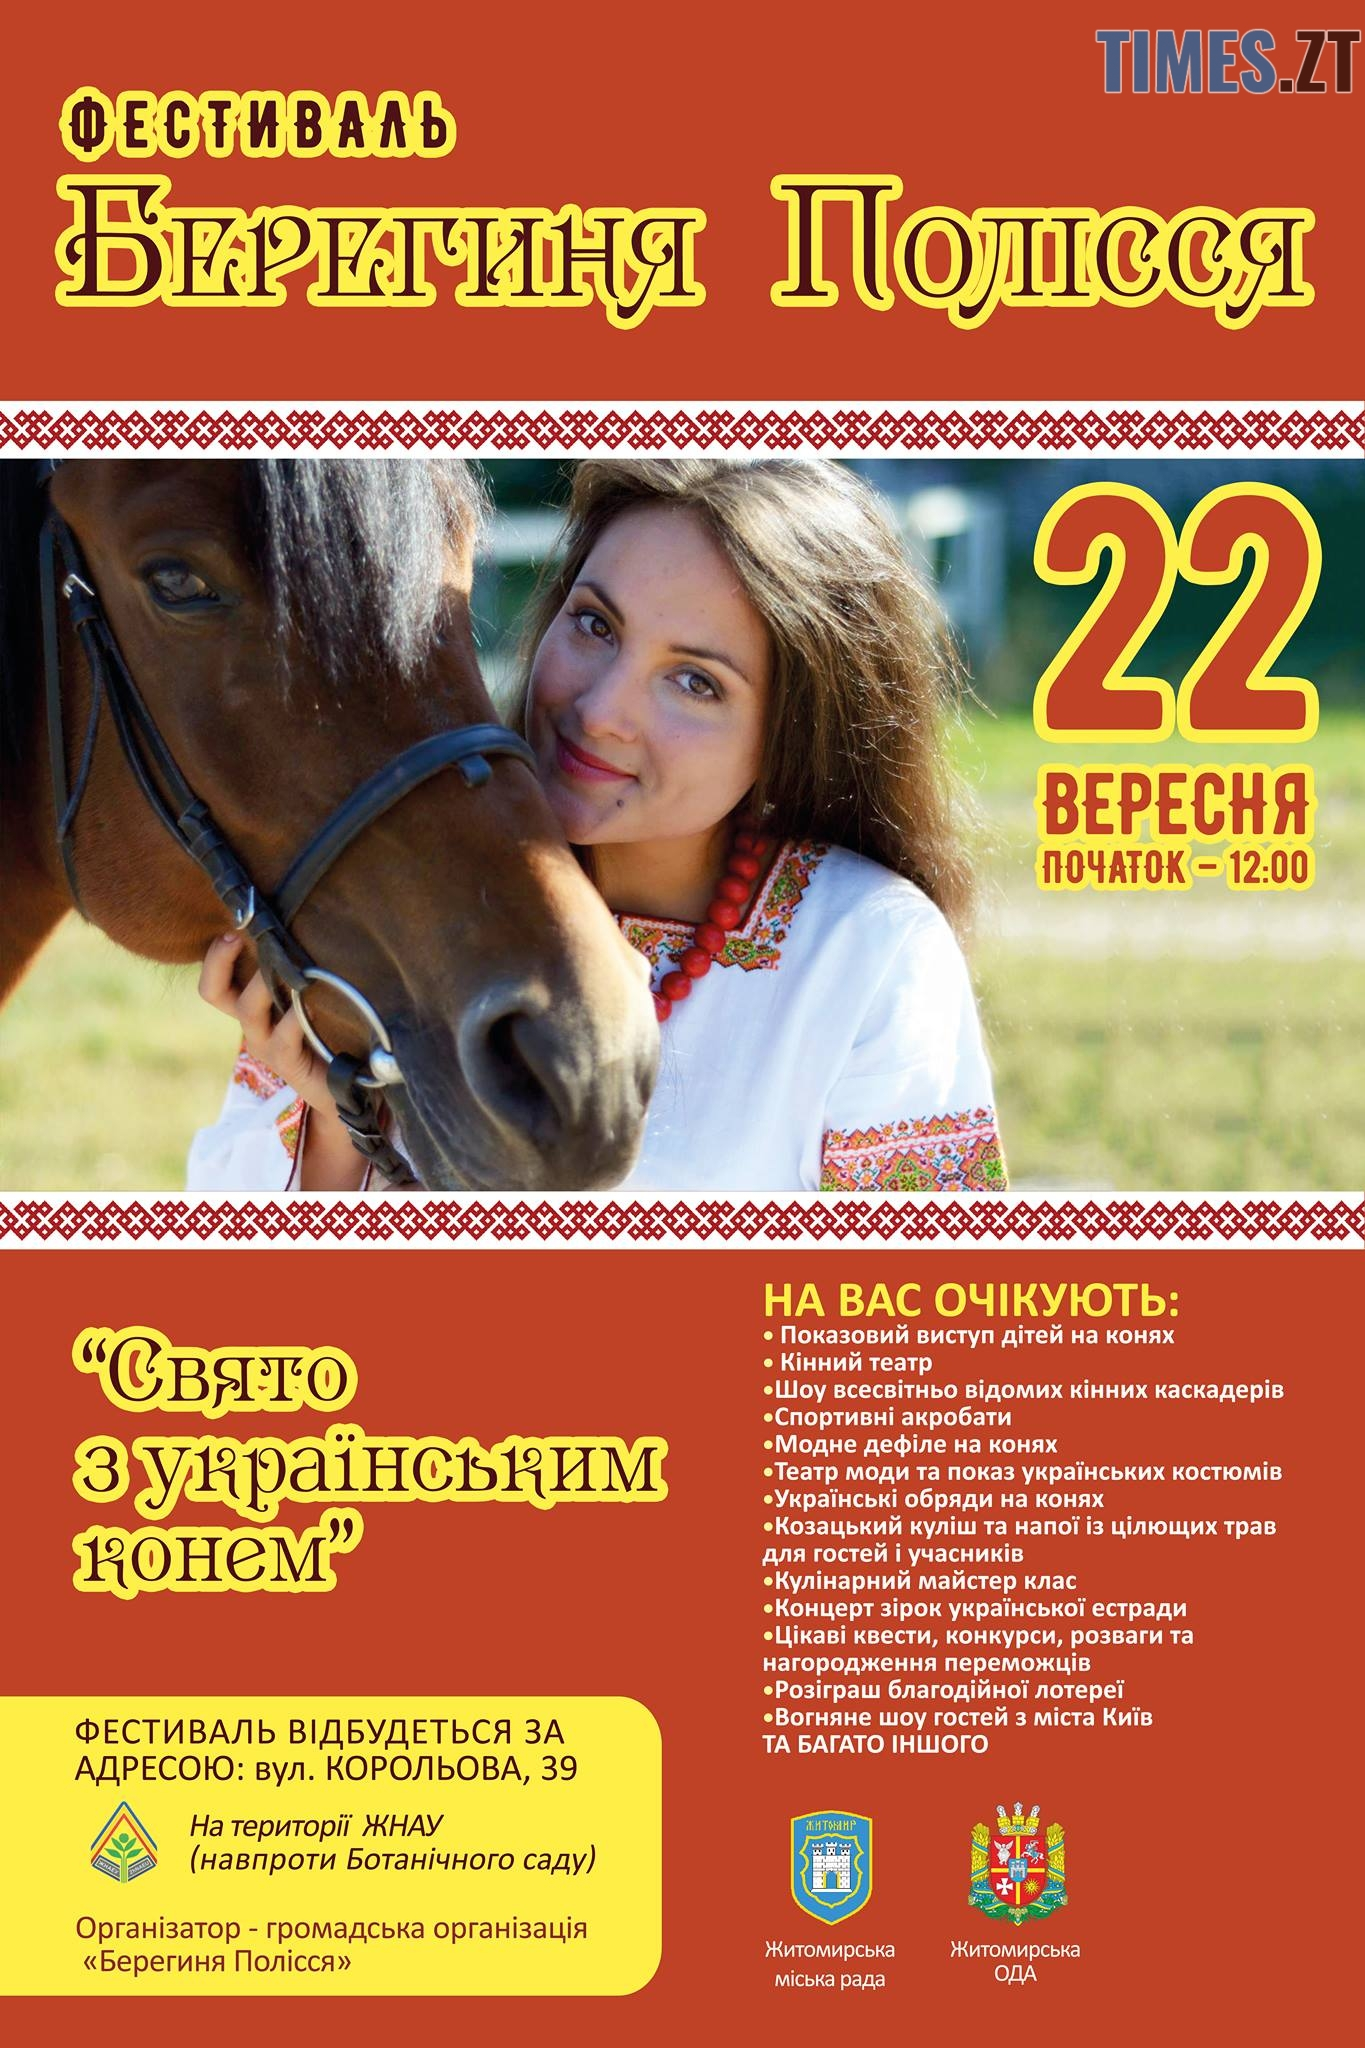 img1536917776 - Плани на вихідні: як провести вікенд у Житомирській області (АНОНСИ)